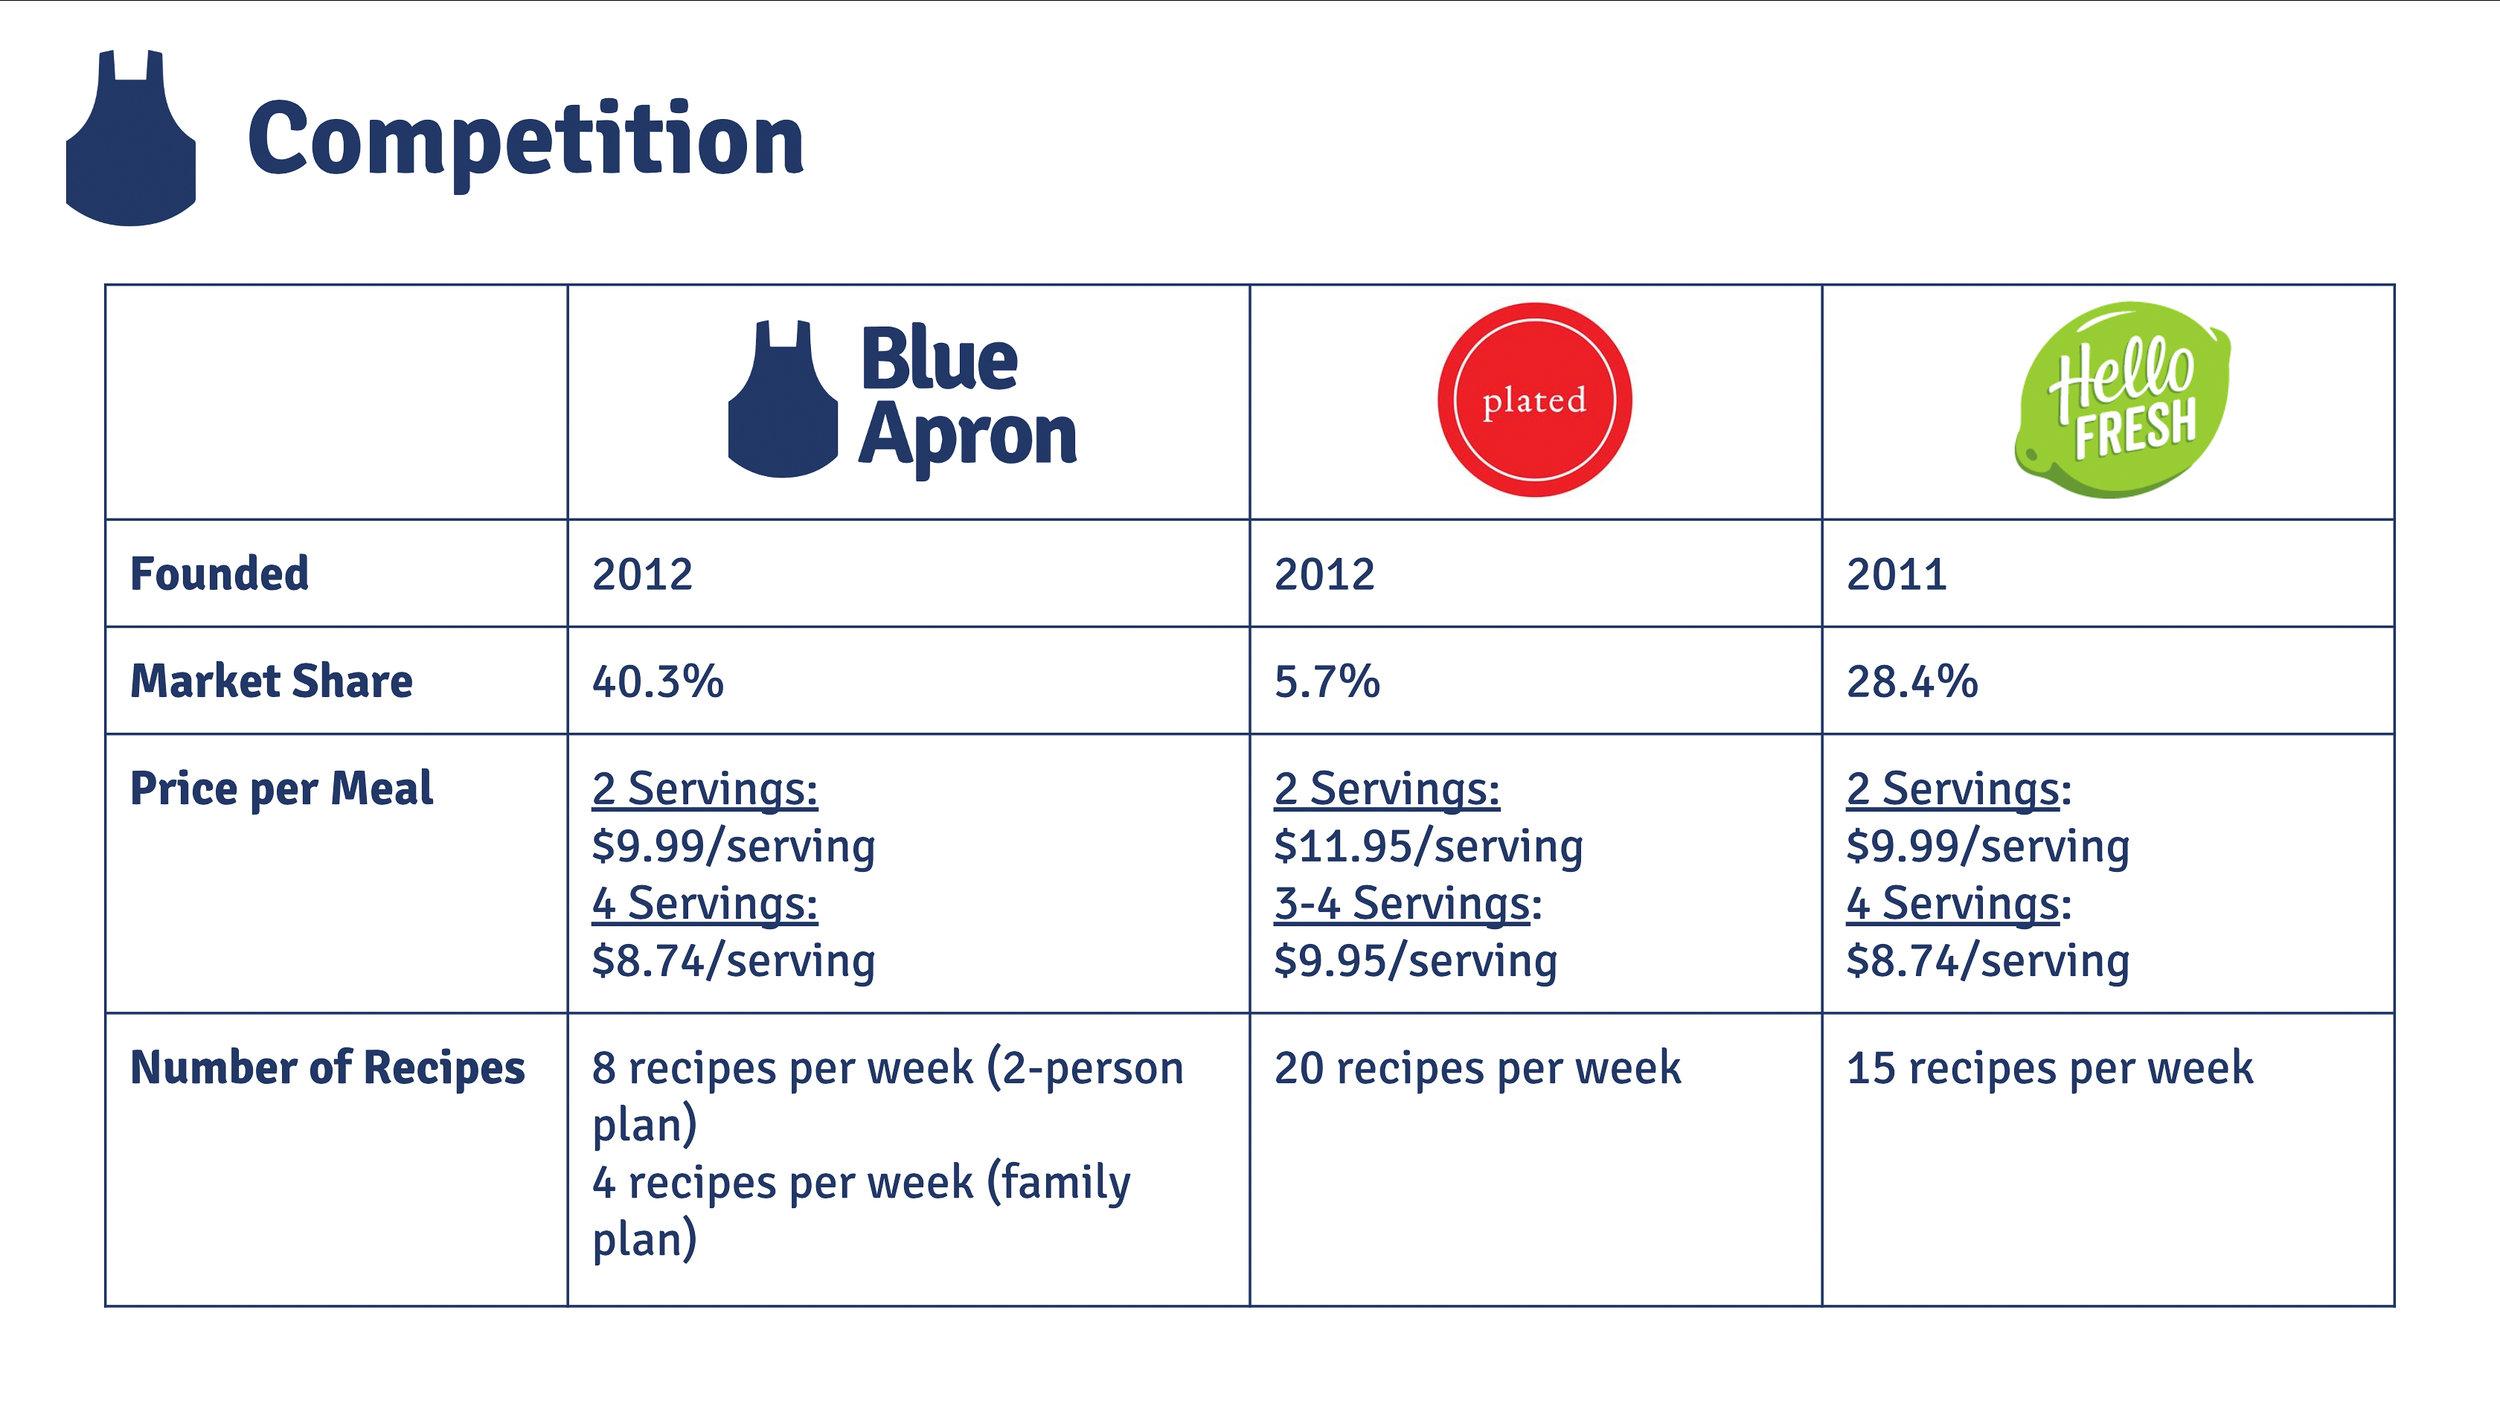 blueapron-3.jpg